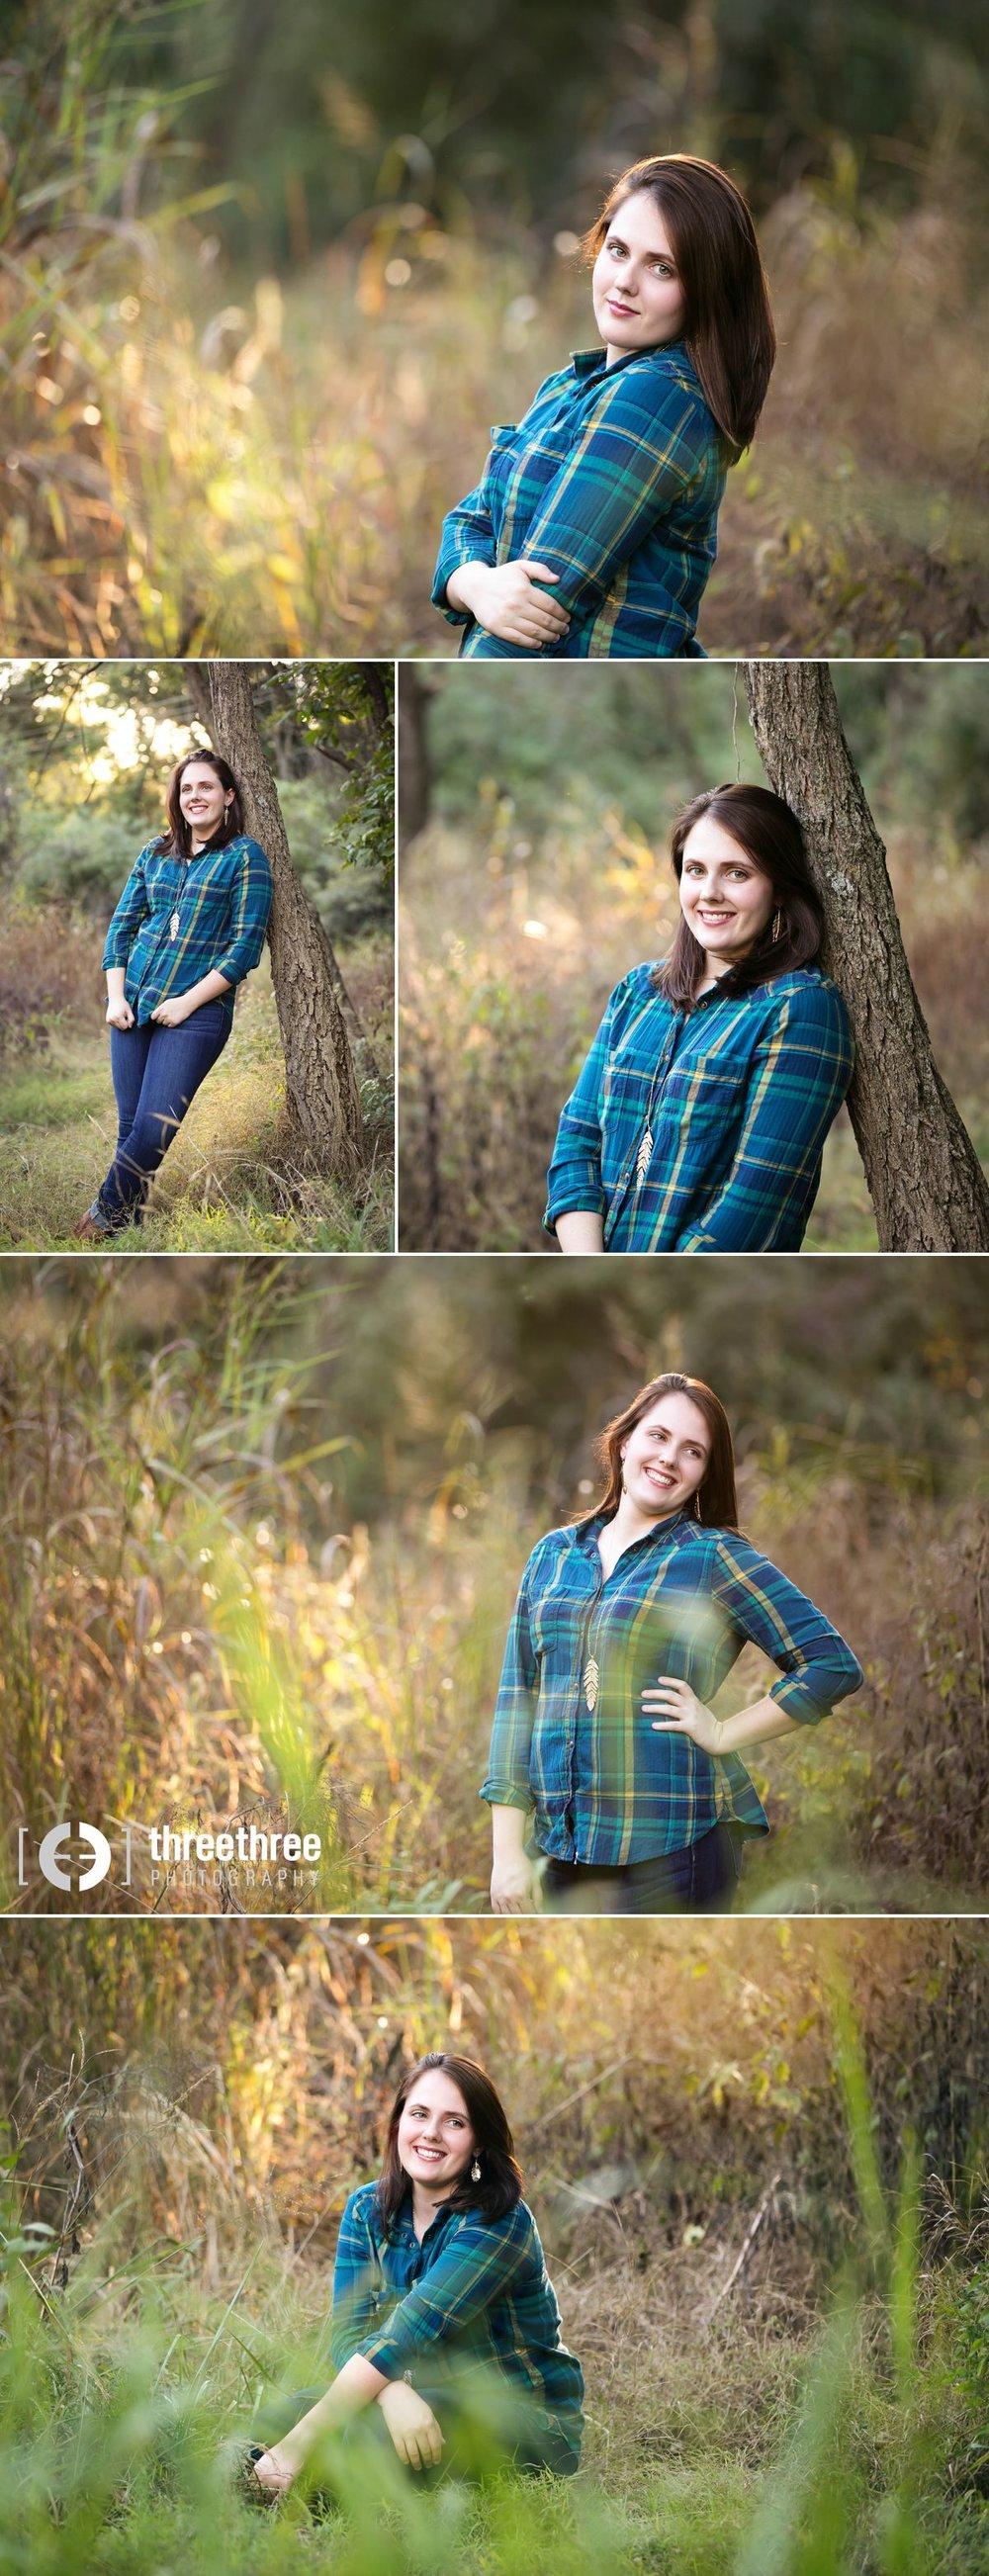 Lauren Blog Post 2.jpg